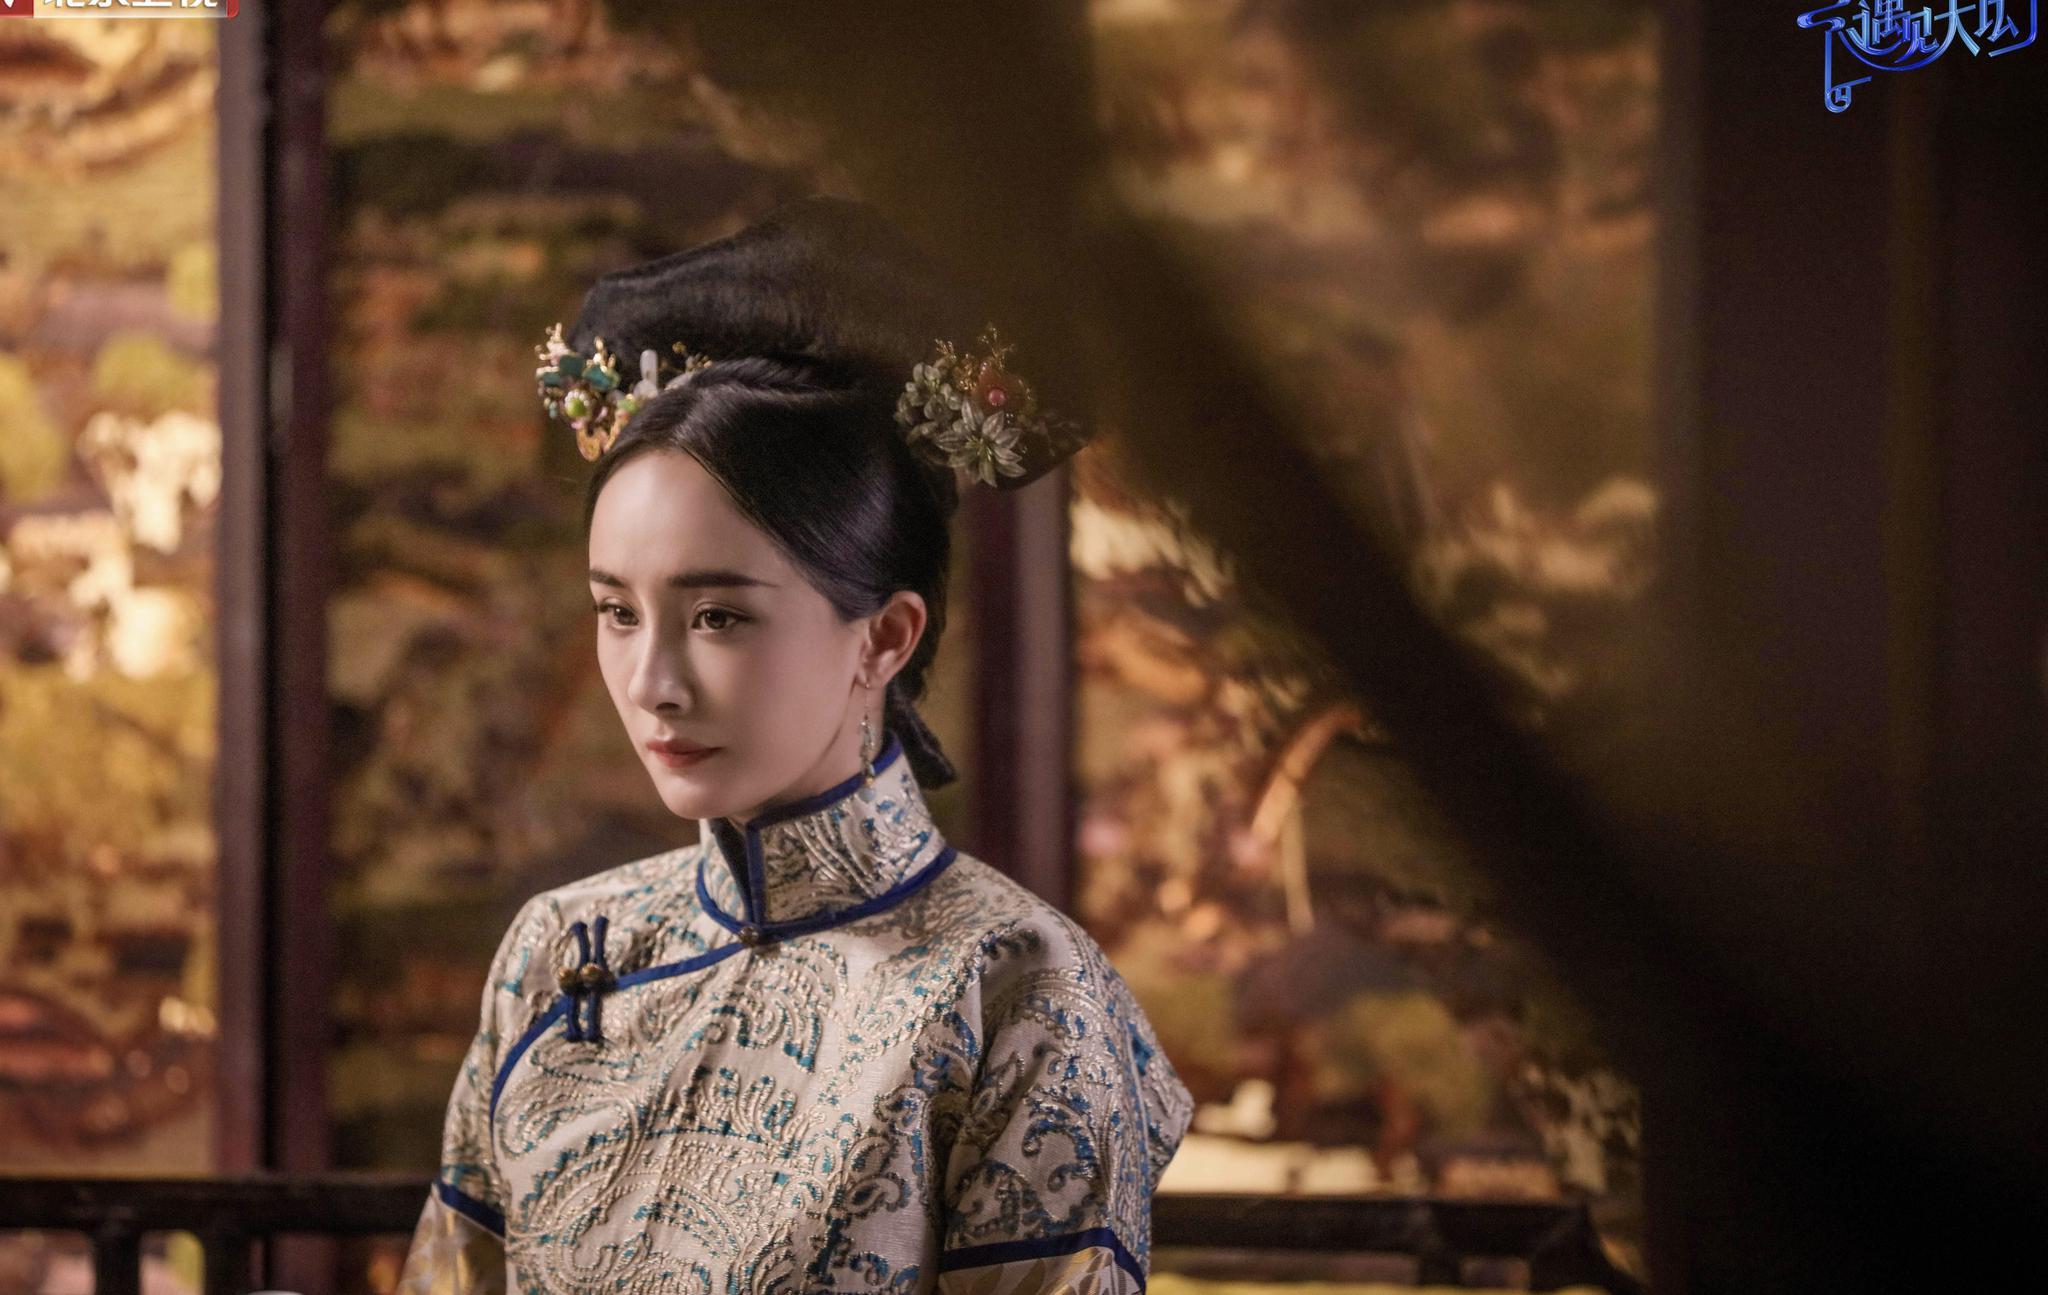 杨幂关晓彤刘涛等女明星的清宫戏造型,你们觉得谁的颜值最高?插图(7)